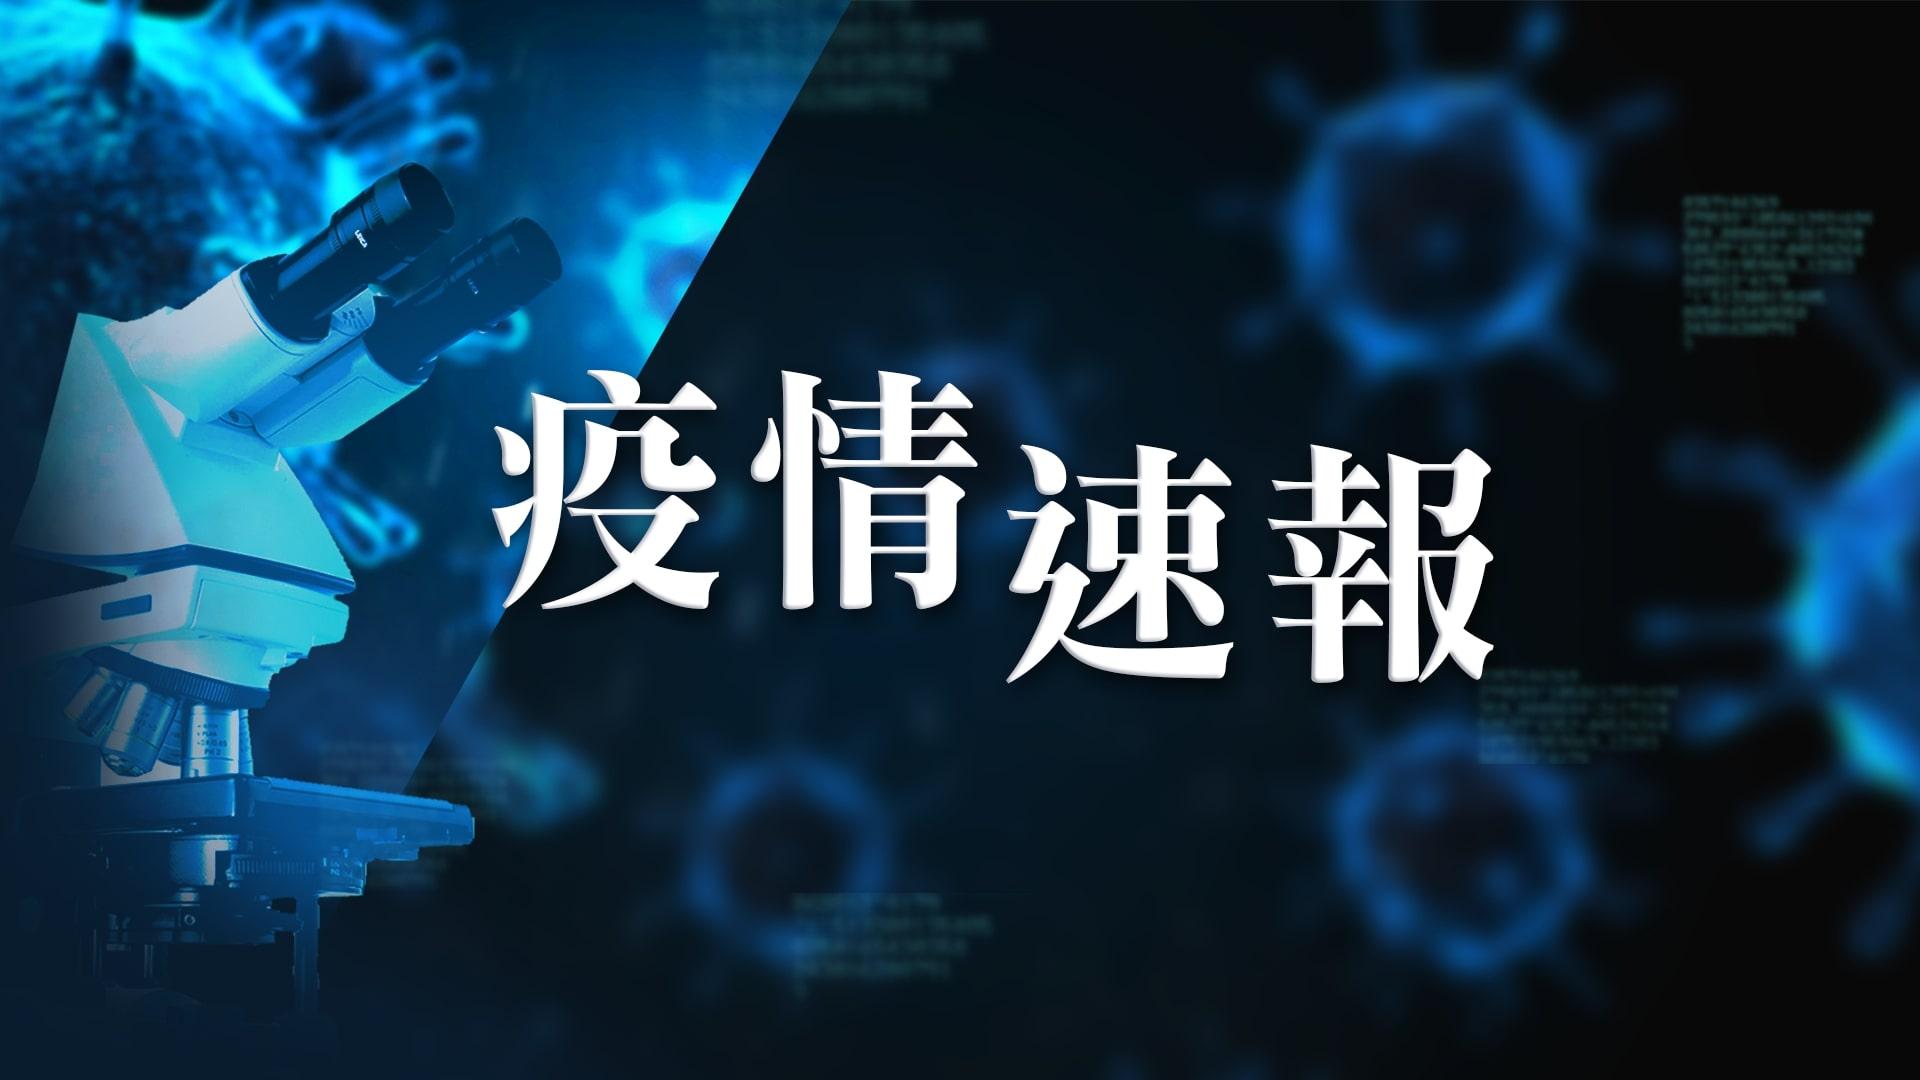 【11月26日疫情速報】(23:40)